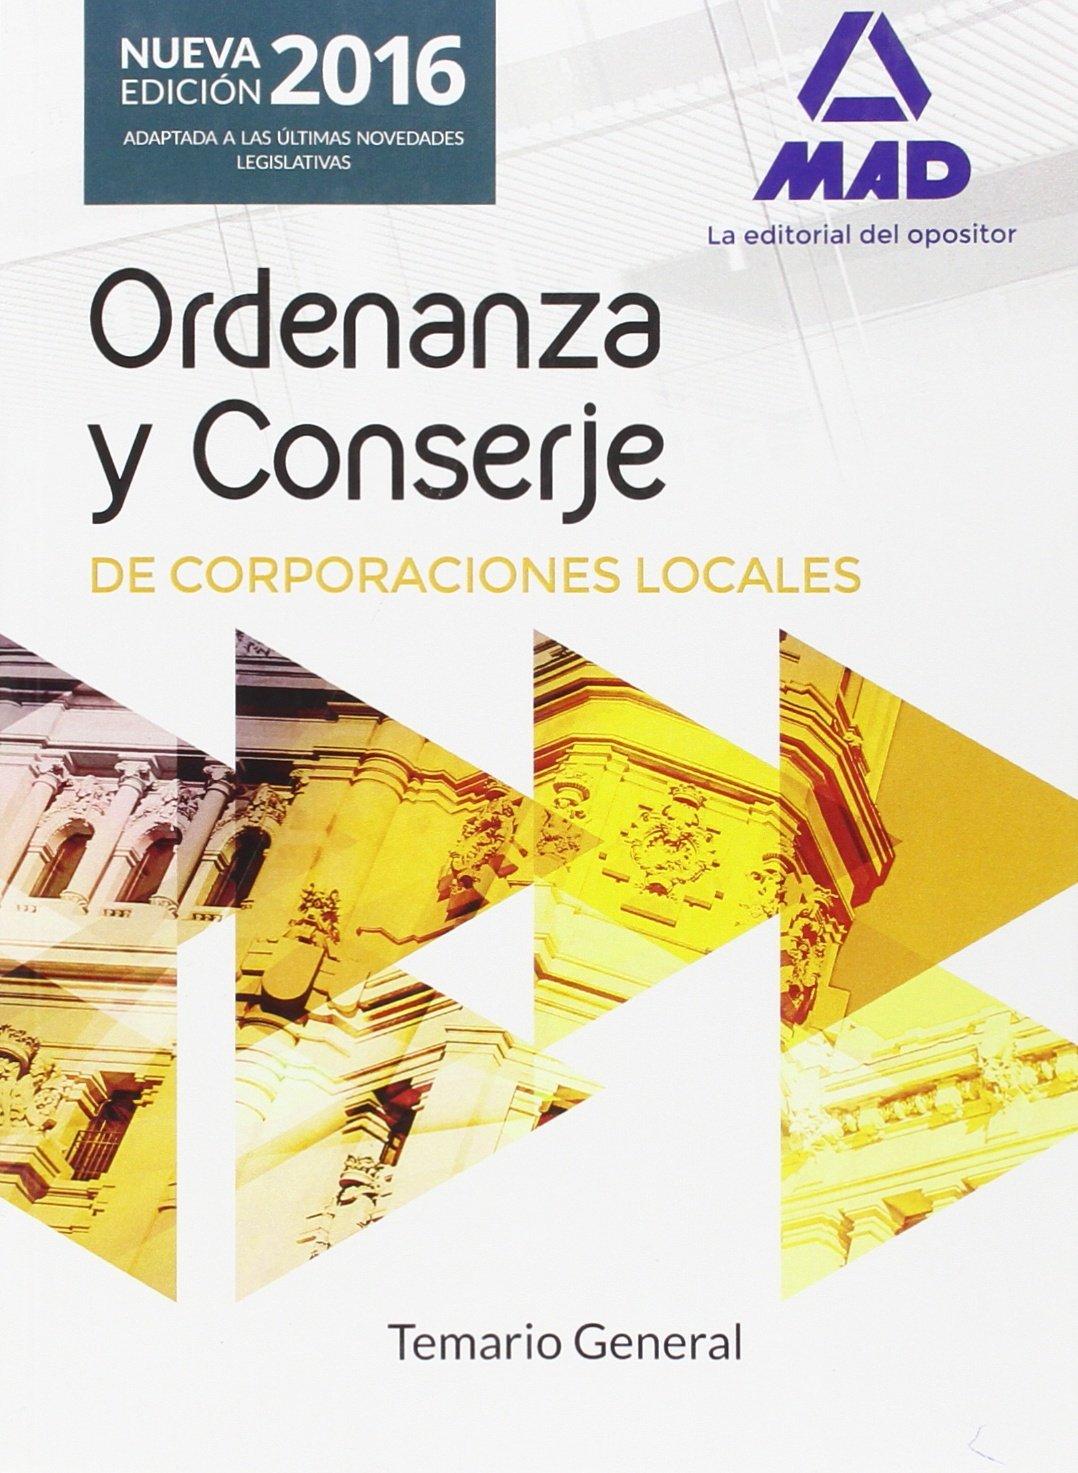 Download Ordenanzas y Conserjes de Corporaciones Locales. Temario General PDF